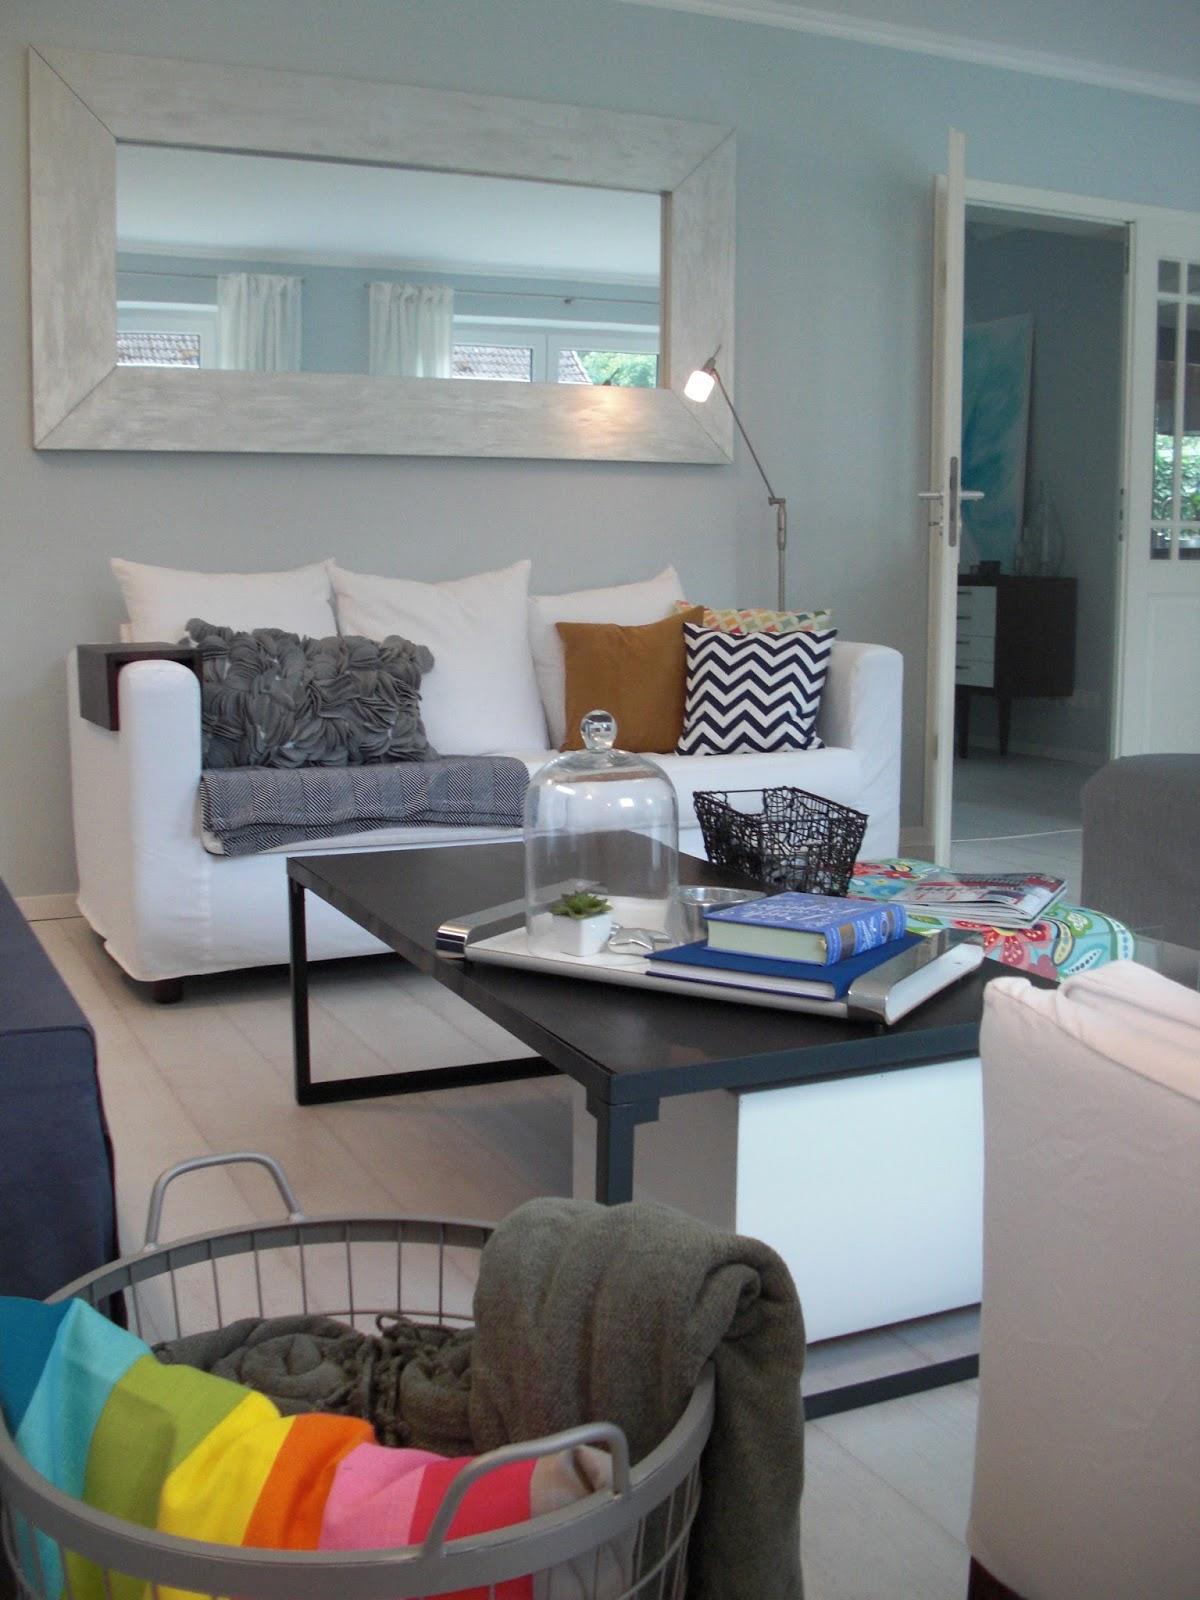 heim elich endlich ein silberner spiegel. Black Bedroom Furniture Sets. Home Design Ideas